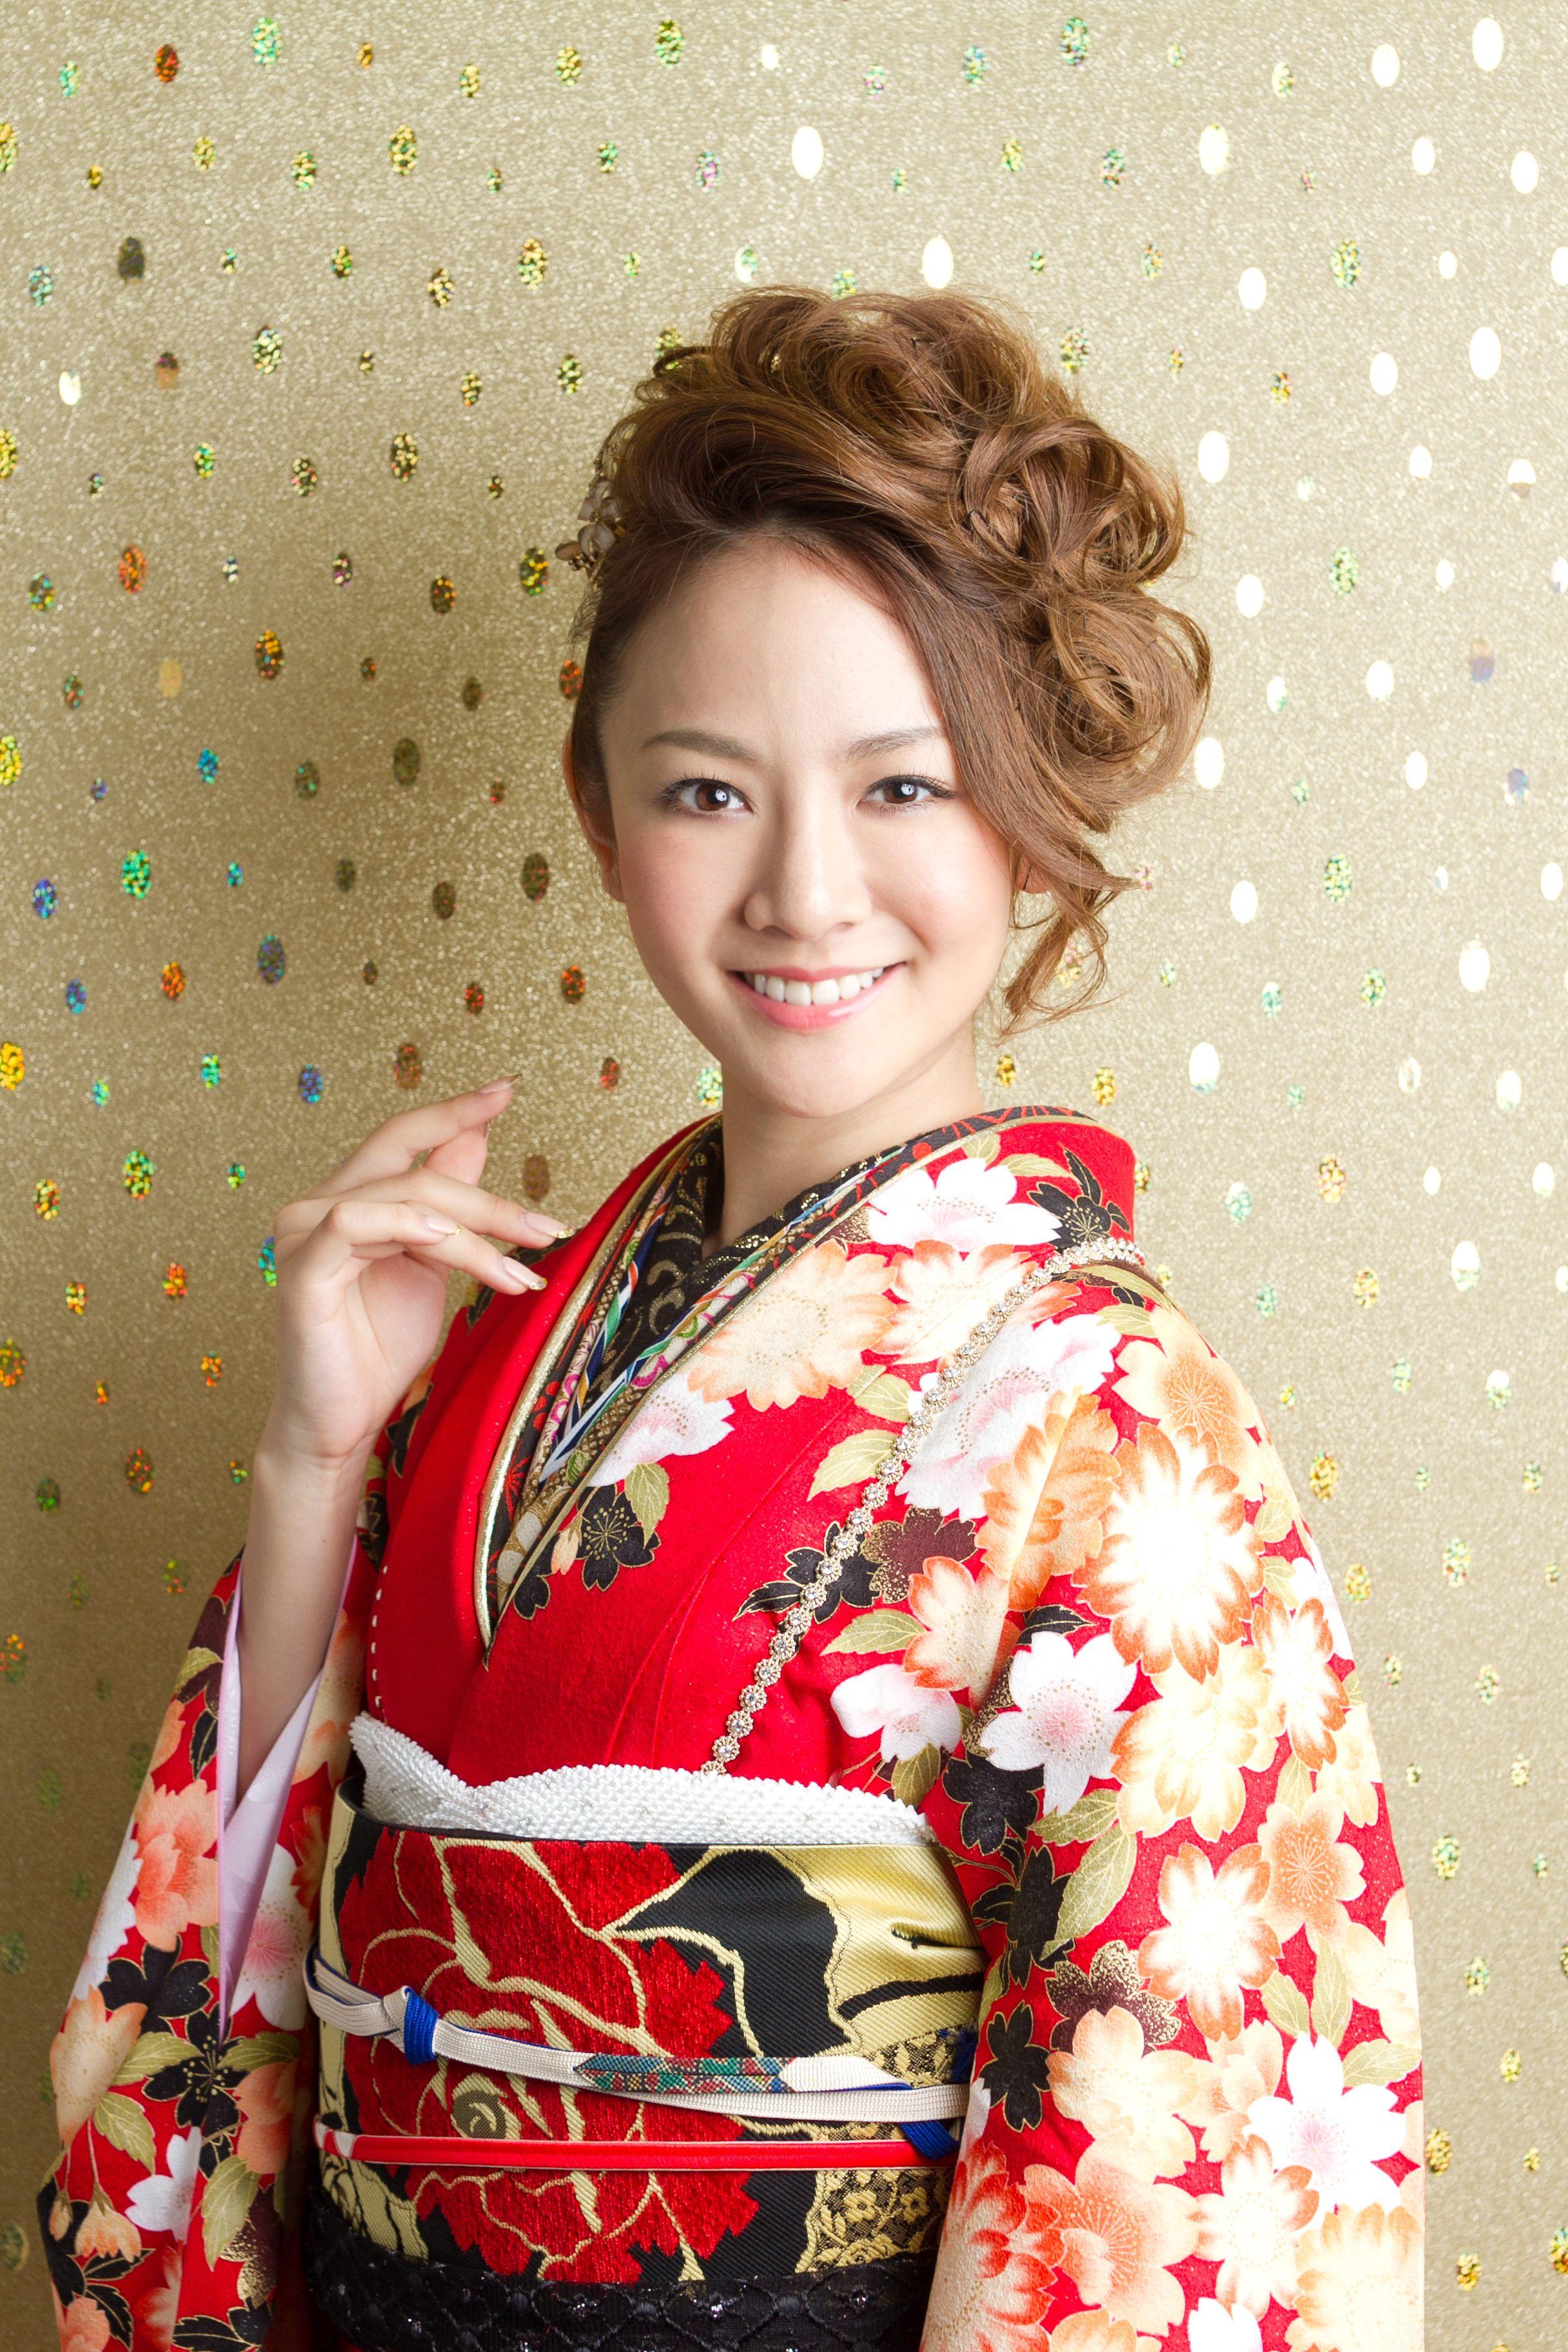 振袖 Tokyo人気サロン発 着物美人になるおすすめヘアアレンジ 髪型